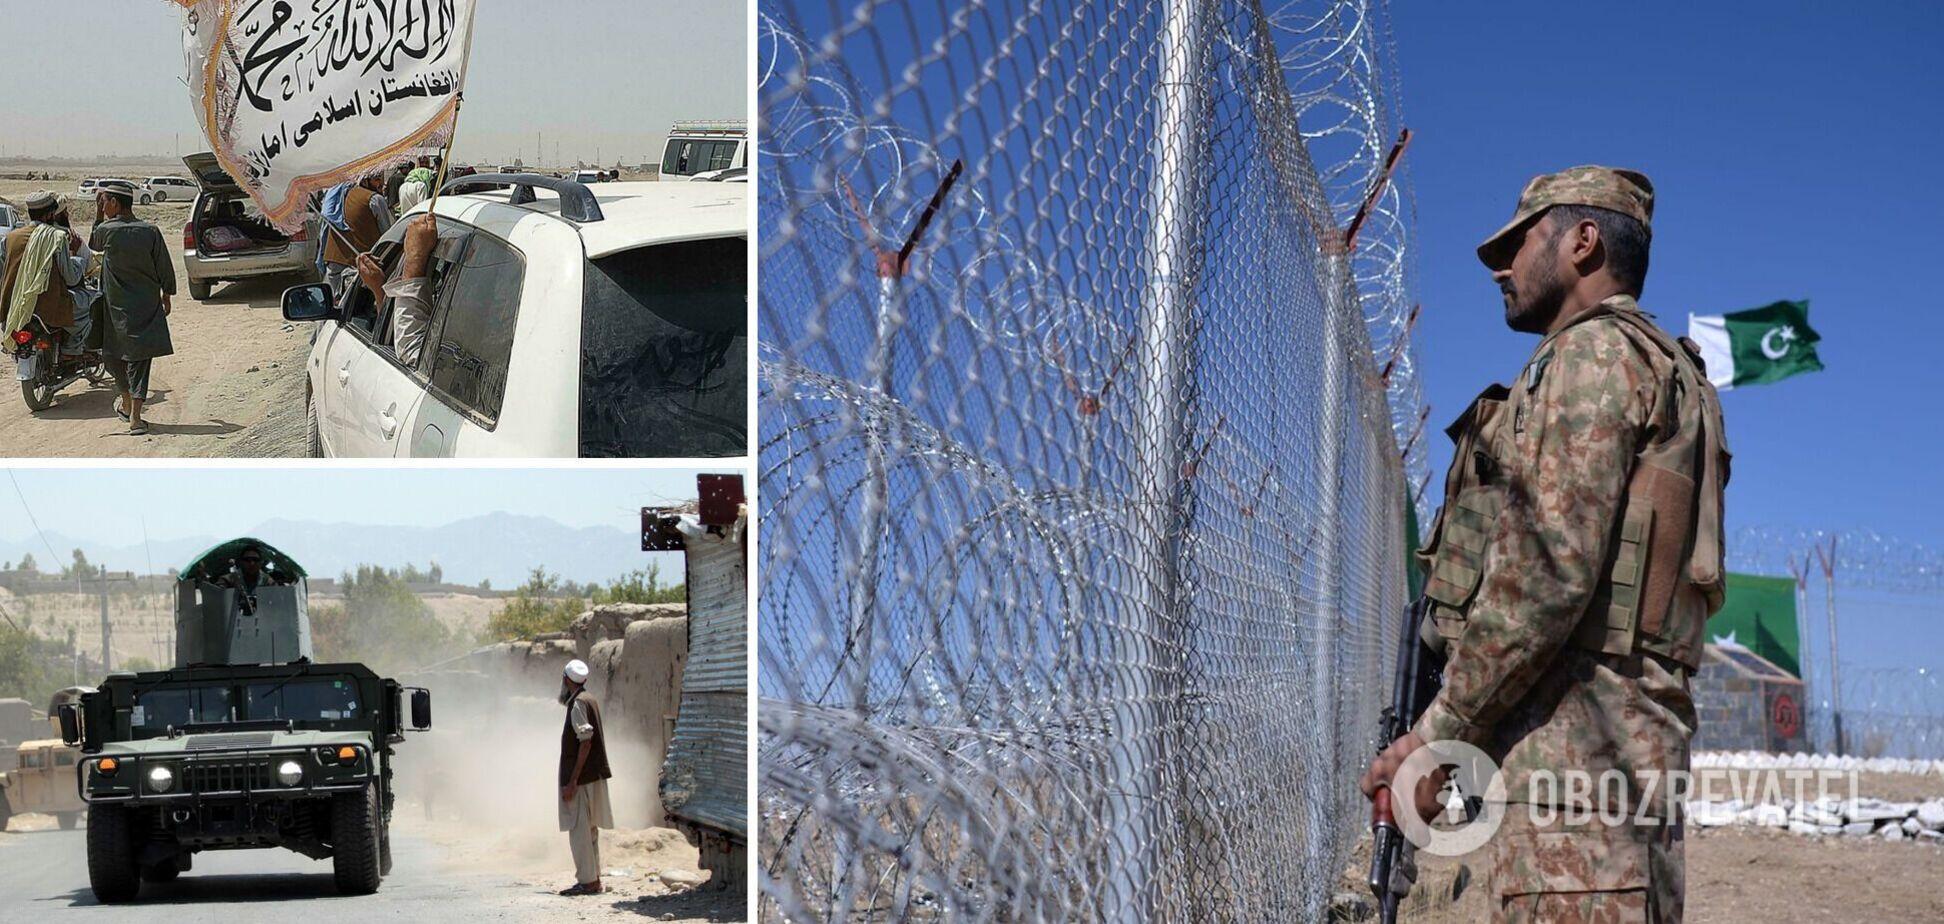 Бойовики 'Талібану' захопили ключовий прикордонний пункт між Афганістаном і Пакистаном